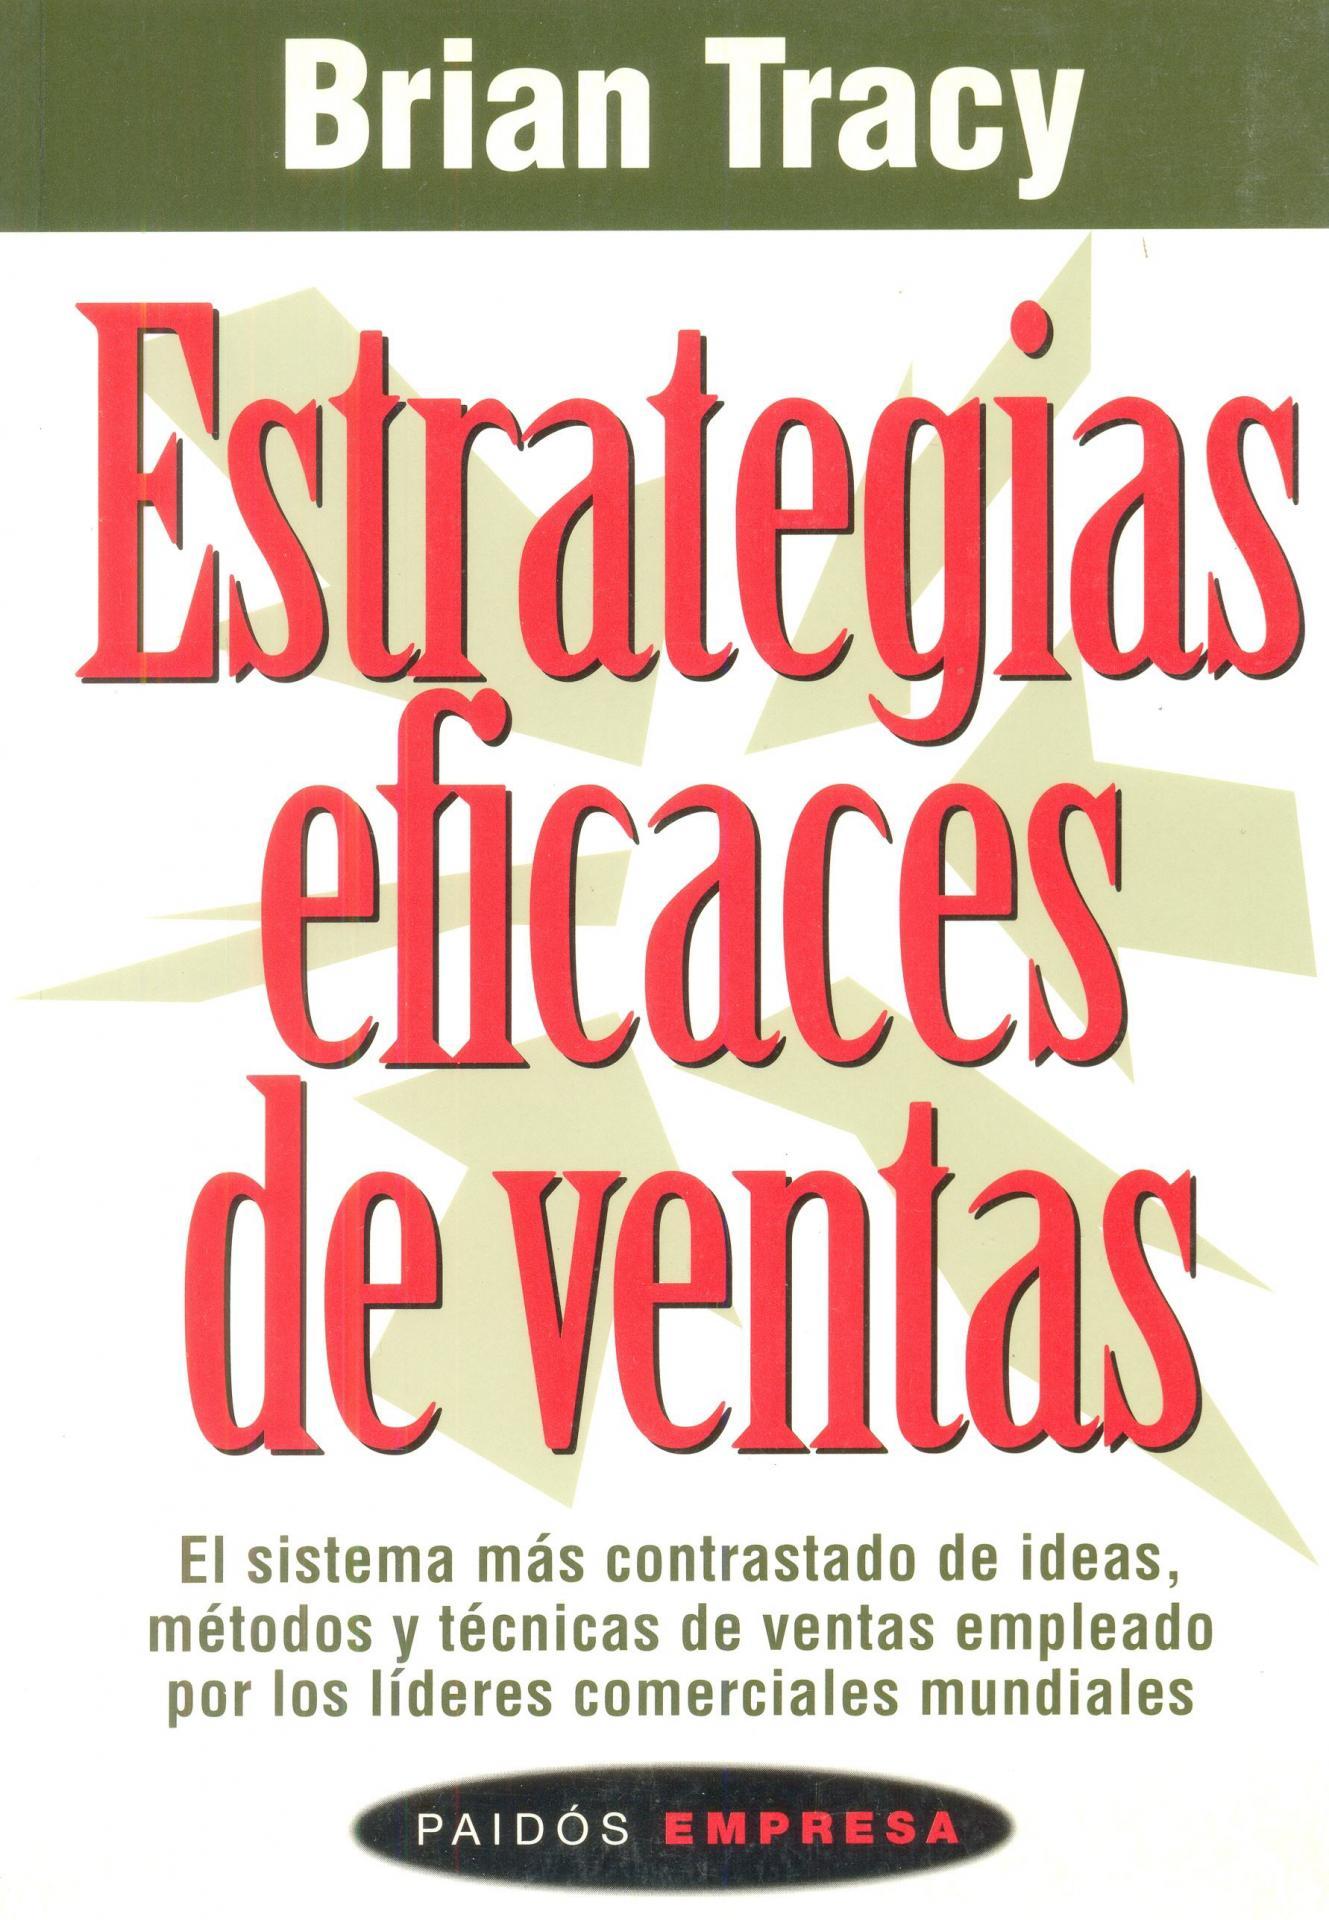 ESTRATEGIAS EFICACES DE VENTAS. El sistema más contrastado de ideas, métodos y técnicas de ventas  empleado por los líderes comerciales mundiales. Tracy, B